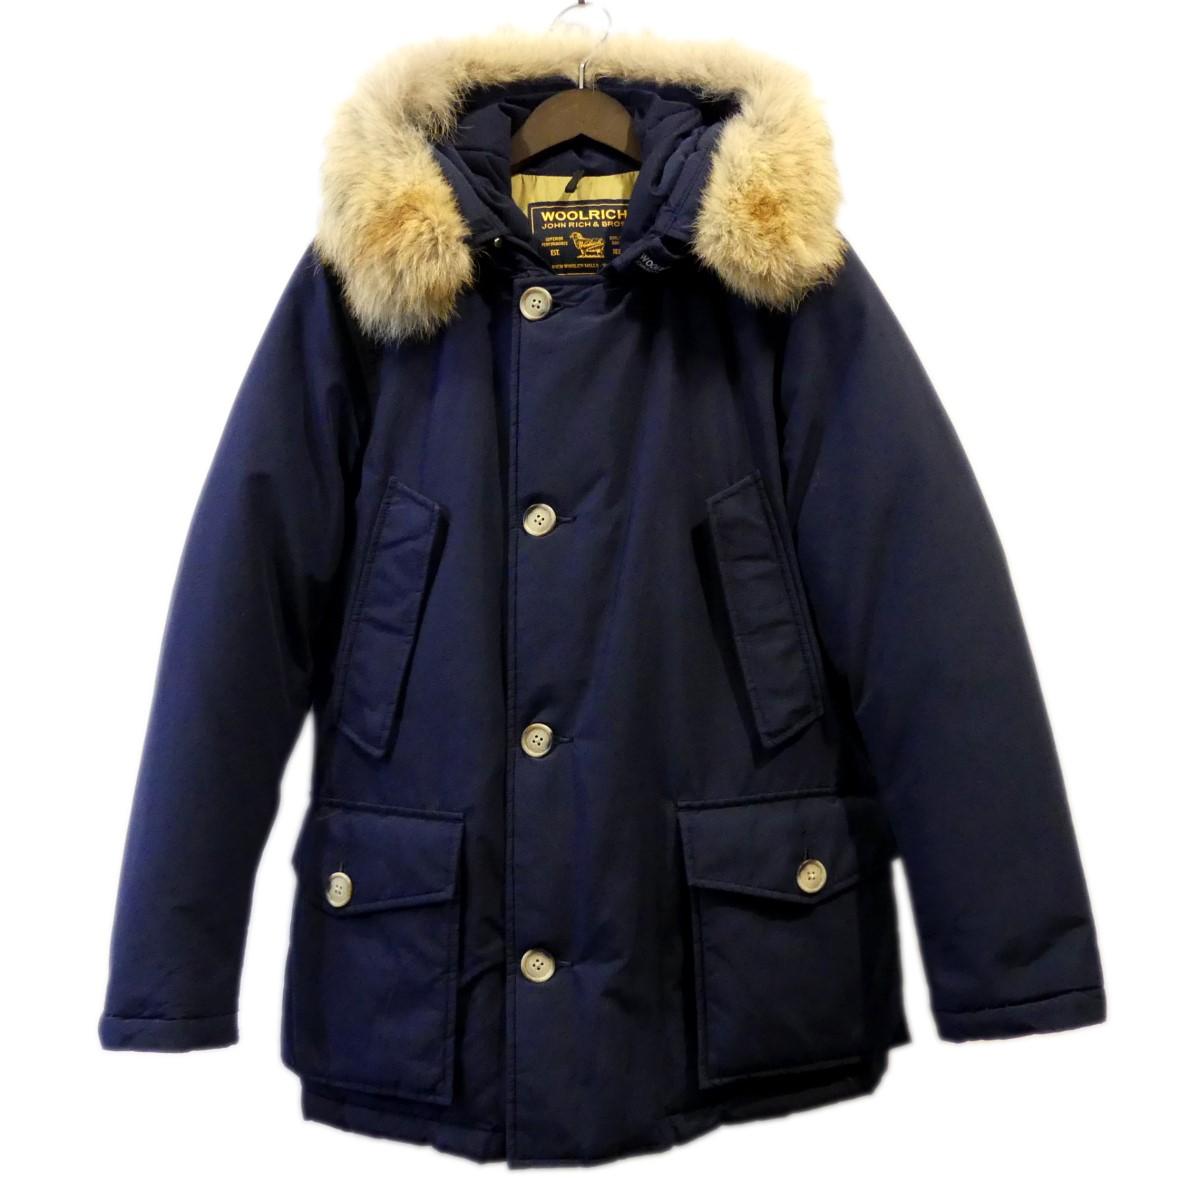 【中古】Wool richARCTIC PARKA ダウンジャケット アークティックパーカー ネイビー サイズ:XS【2月6日見直し】